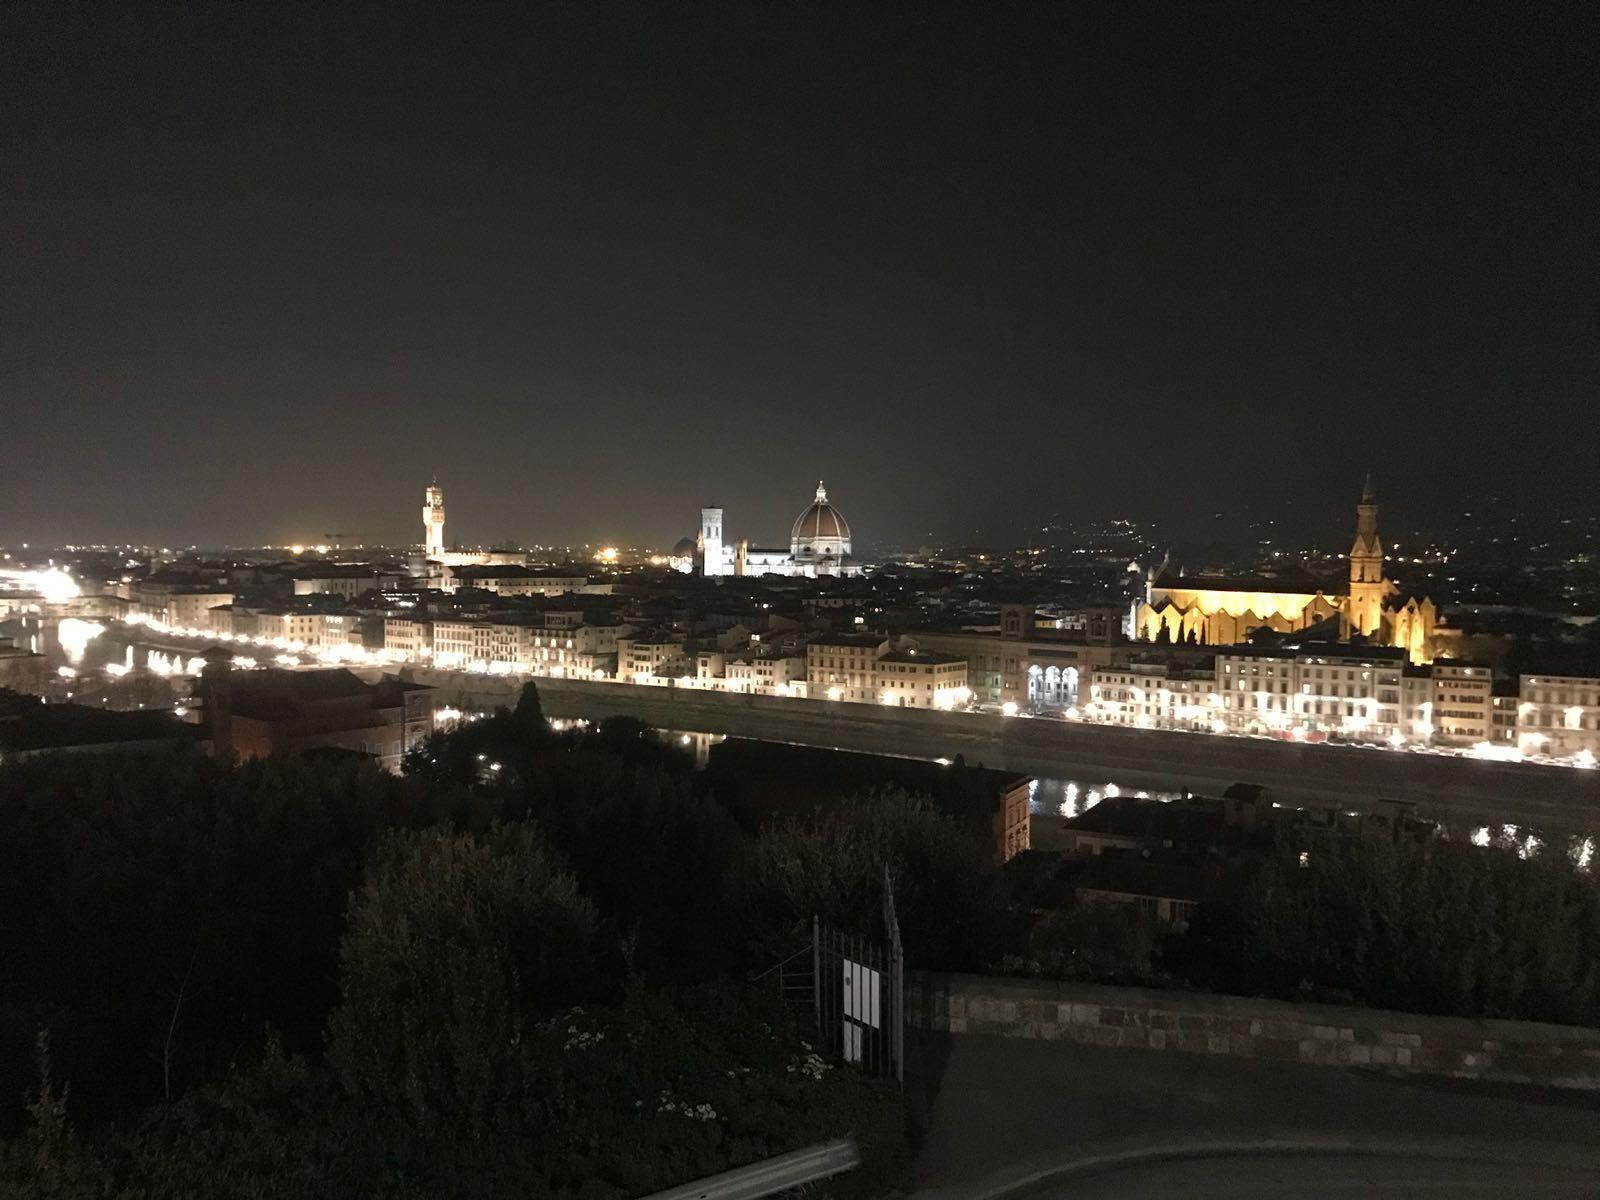 Florence 's nachts, vanaf de Piazzale Michelangelo